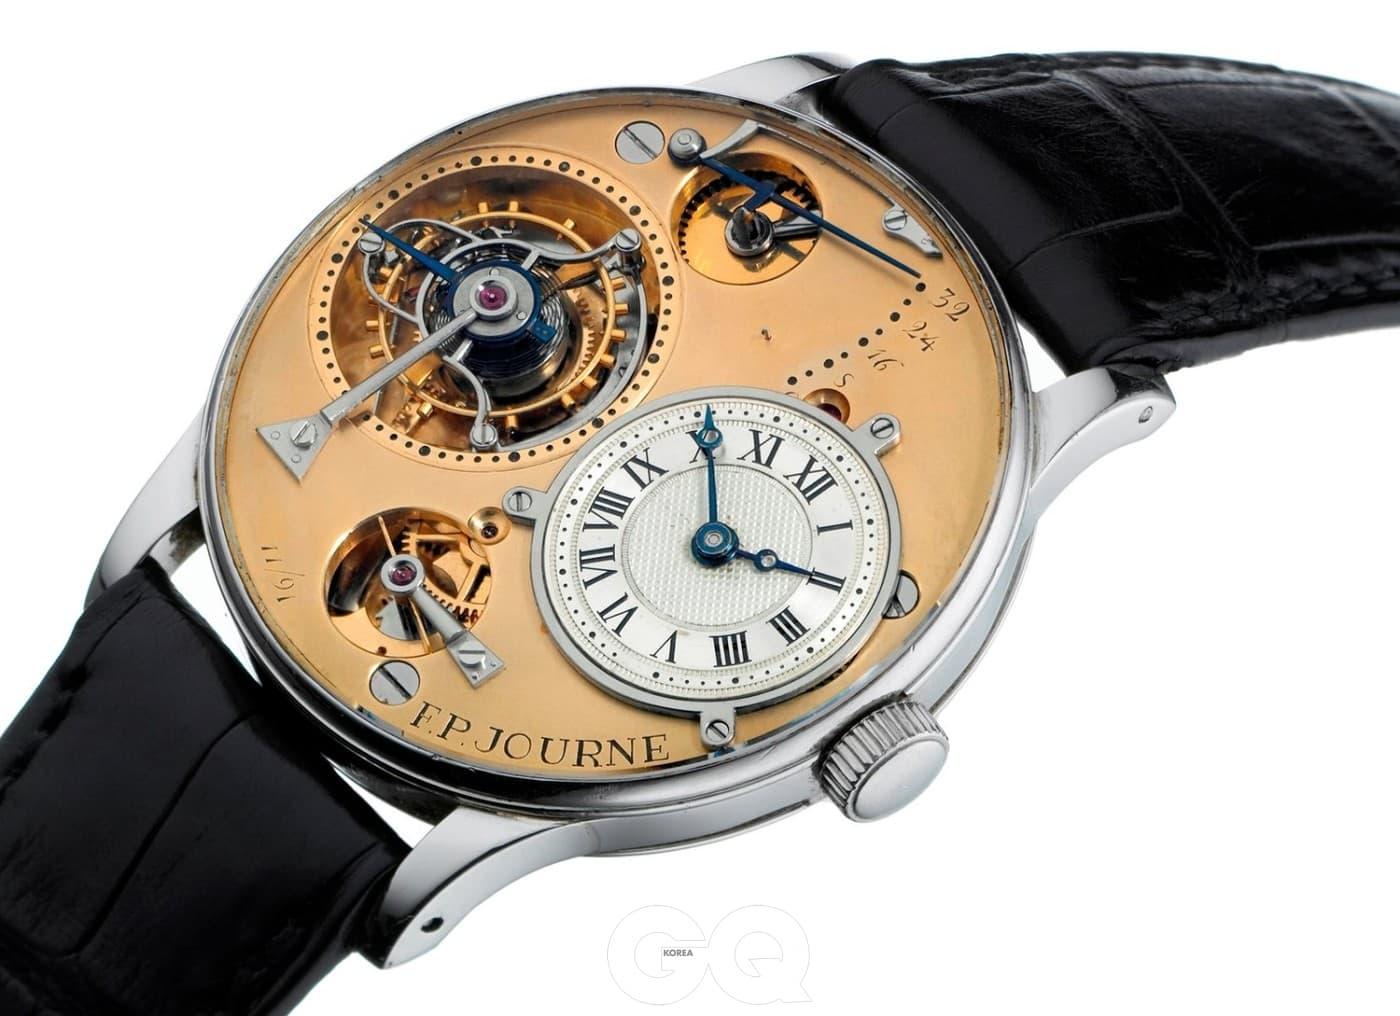 1991년에 발표한 프랑수와 폴 주른의 첫 번째 손목시계.